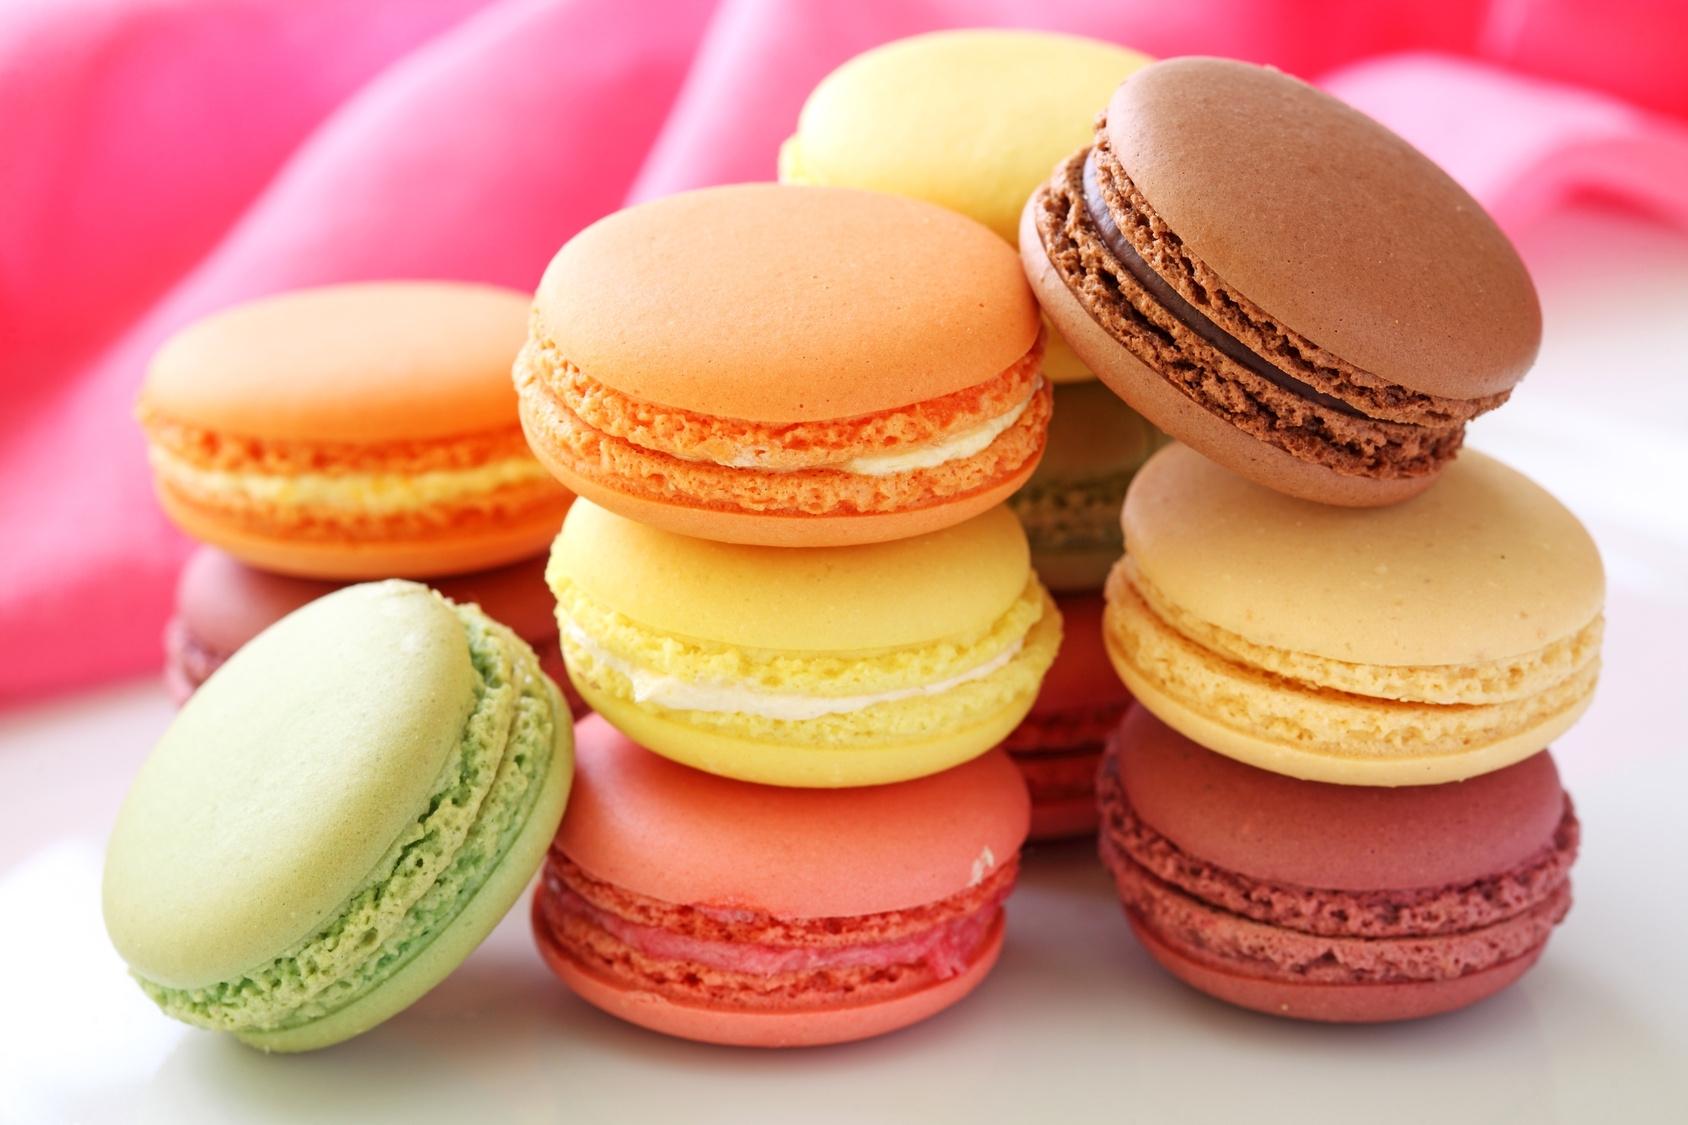 картинки макароны печенье картинки одна самых популярных